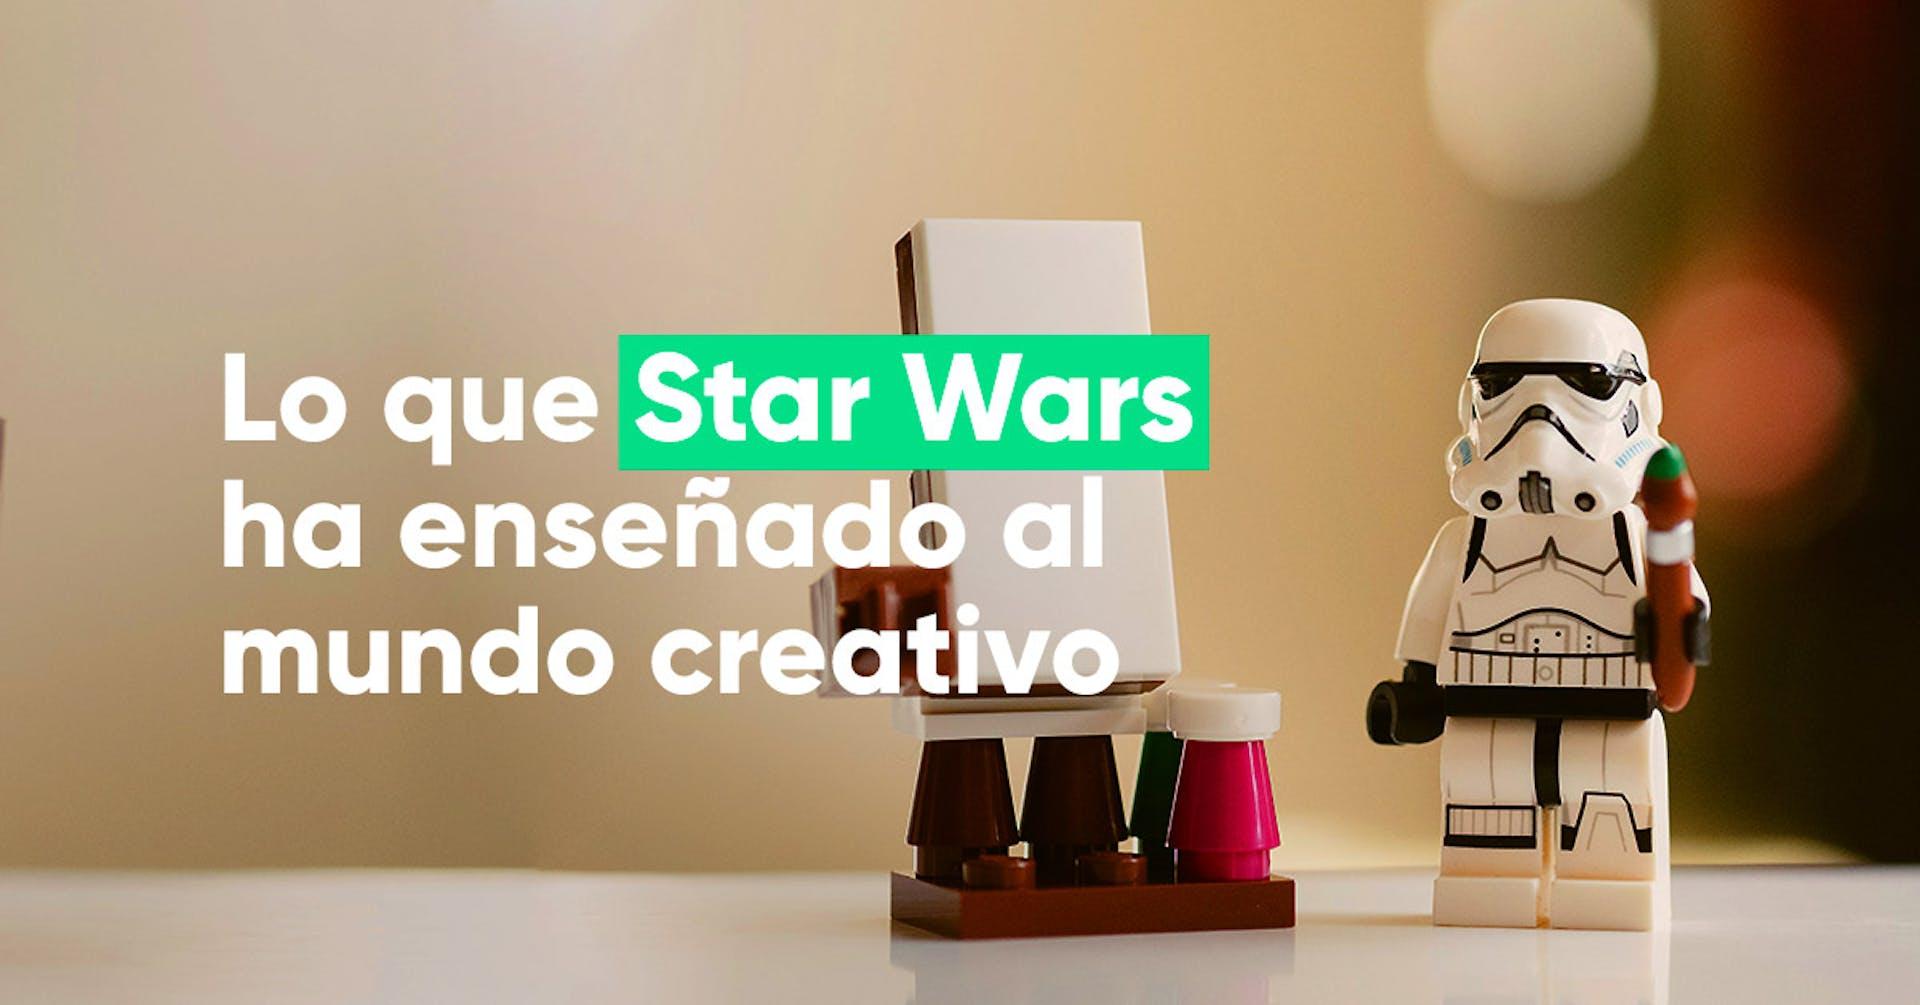 Star Wars, una fuente de inspiración para crear